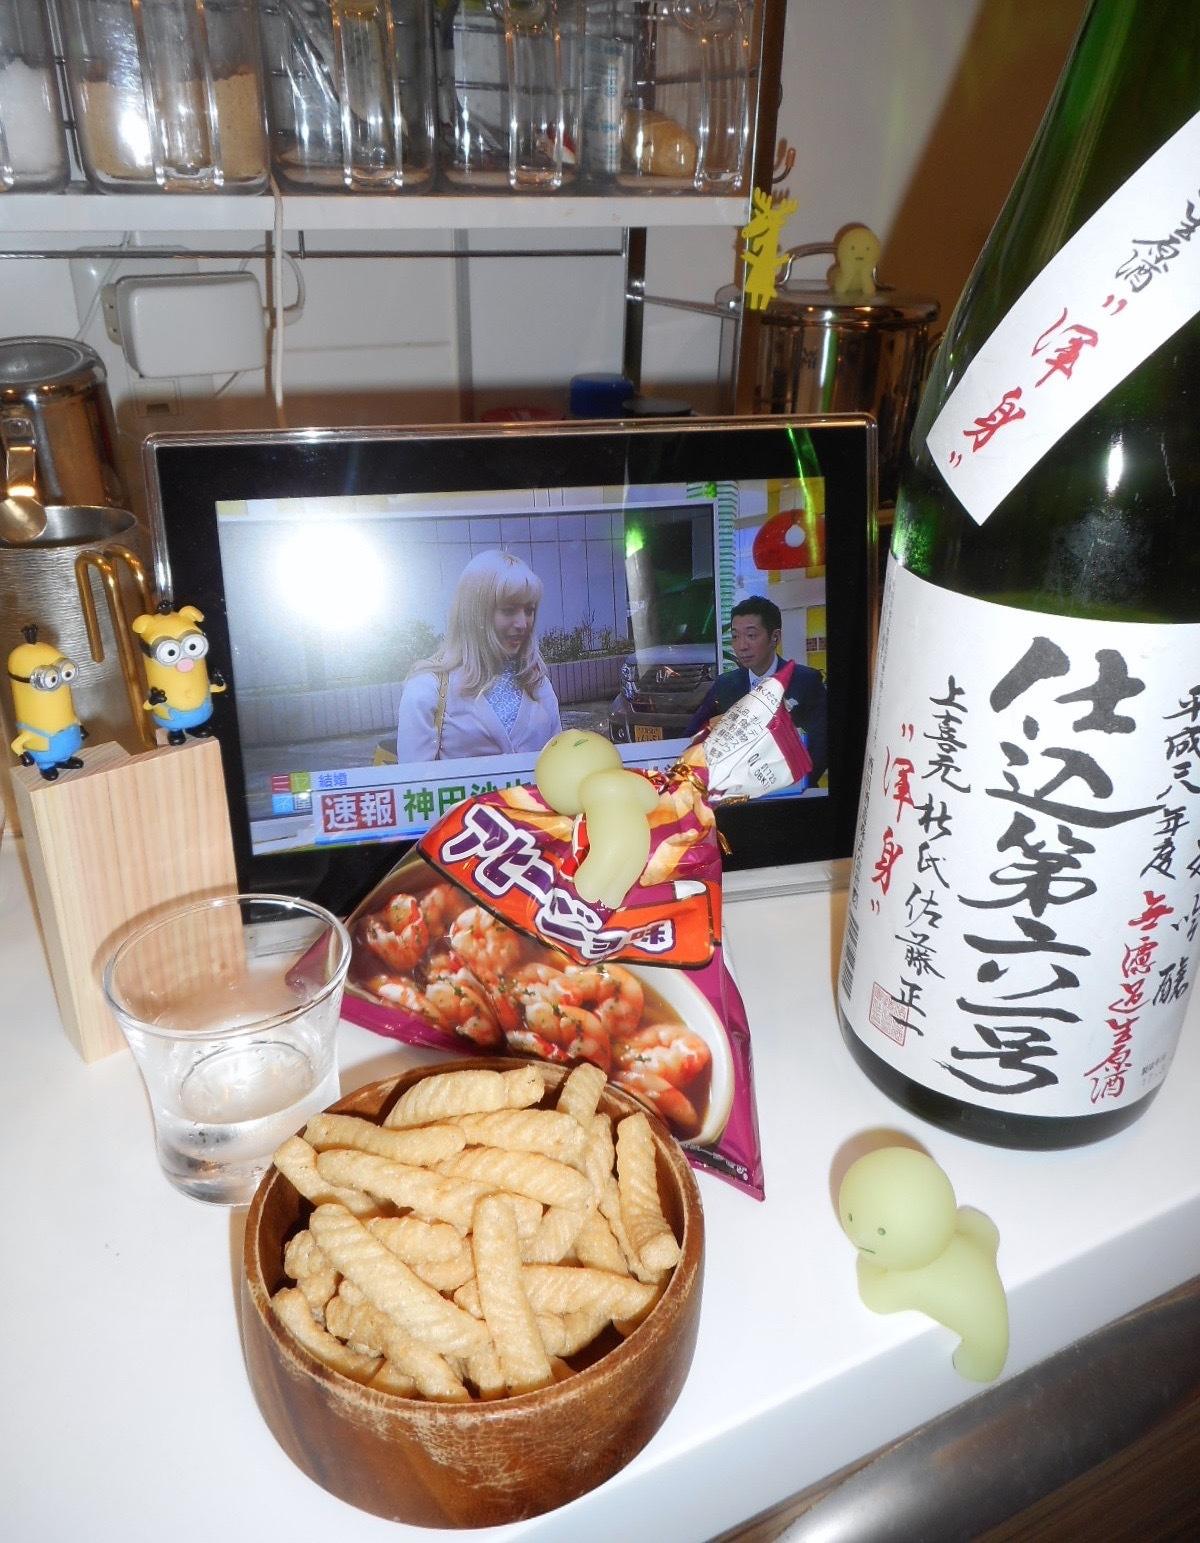 joukigen_konshin28by12.jpg